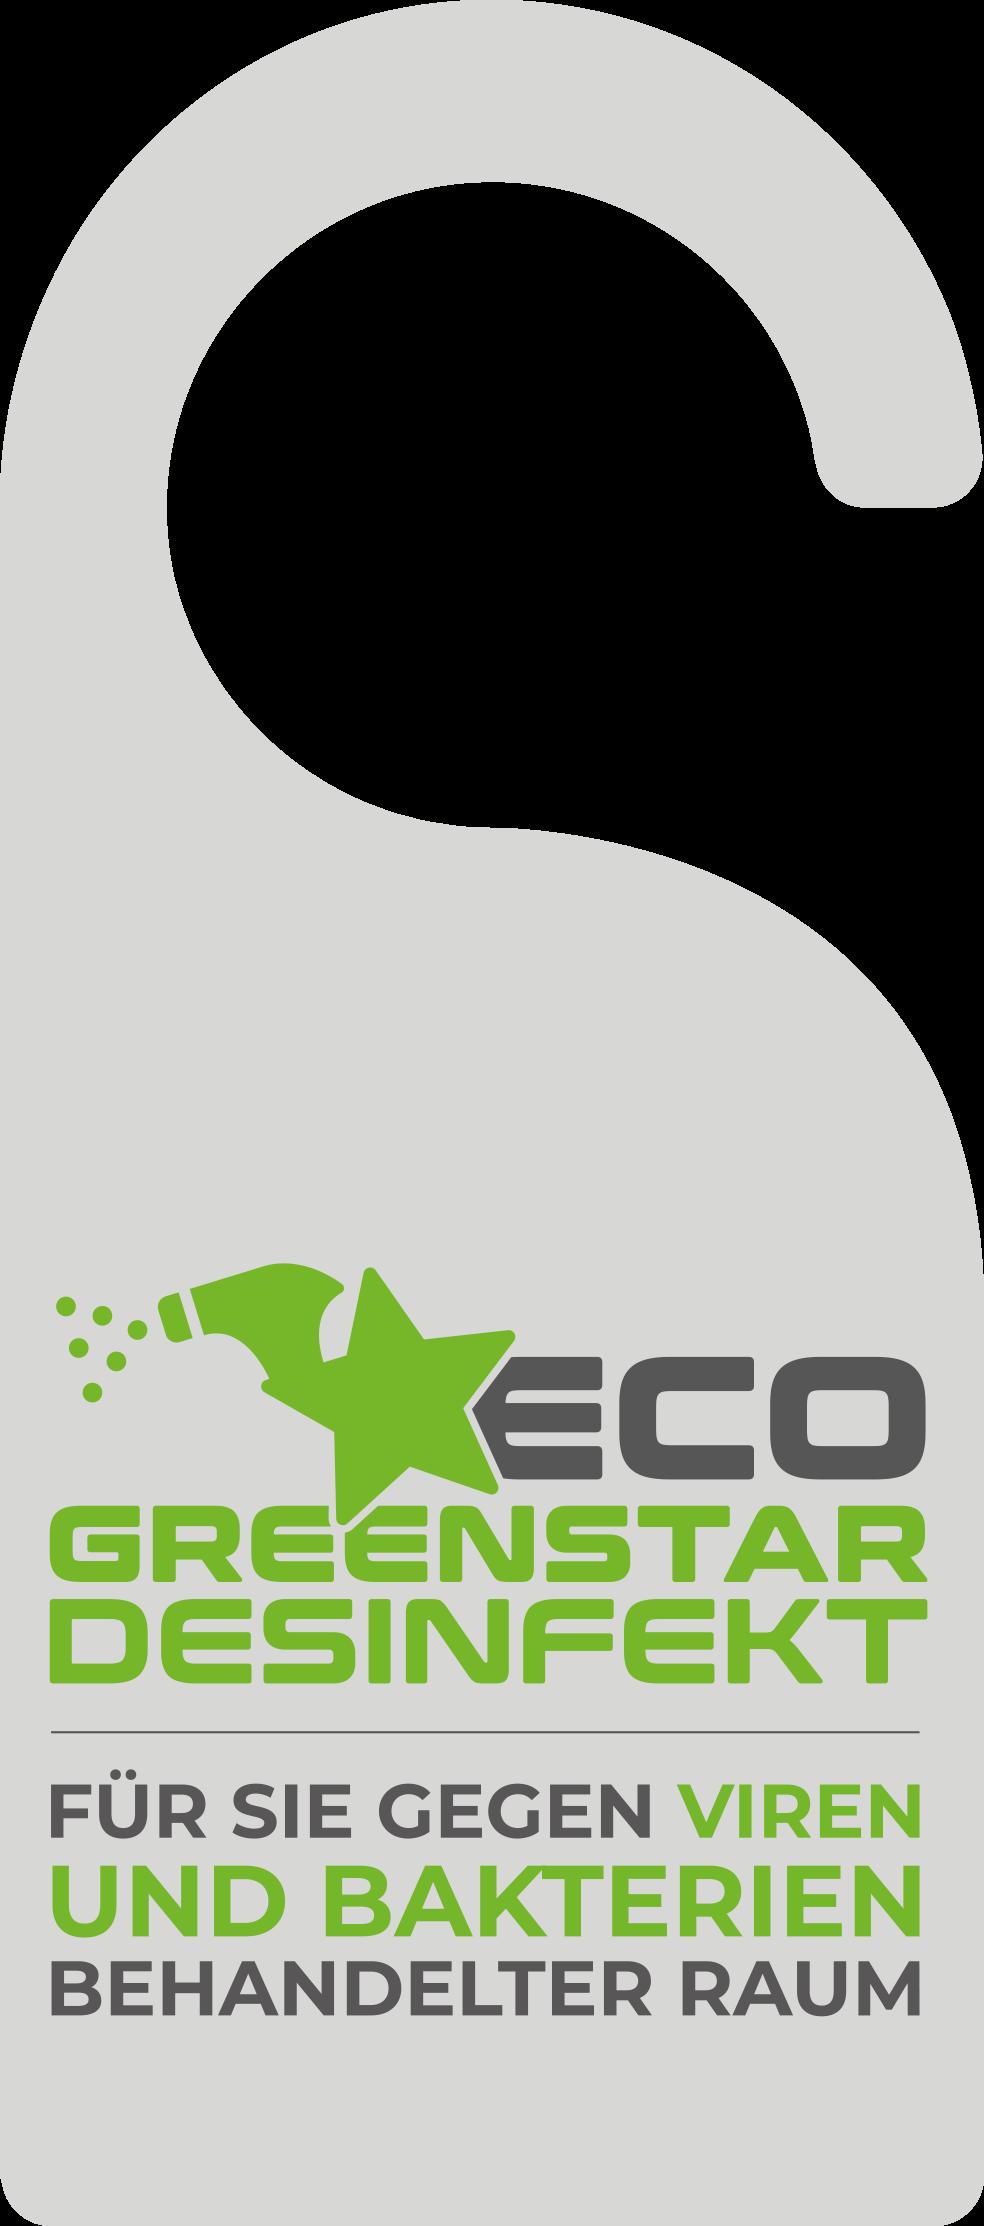 ECO GREENSTAR® DESINFEKT Für Sie gegen Viren und Bakterien behandeltes Hotelzimmer!